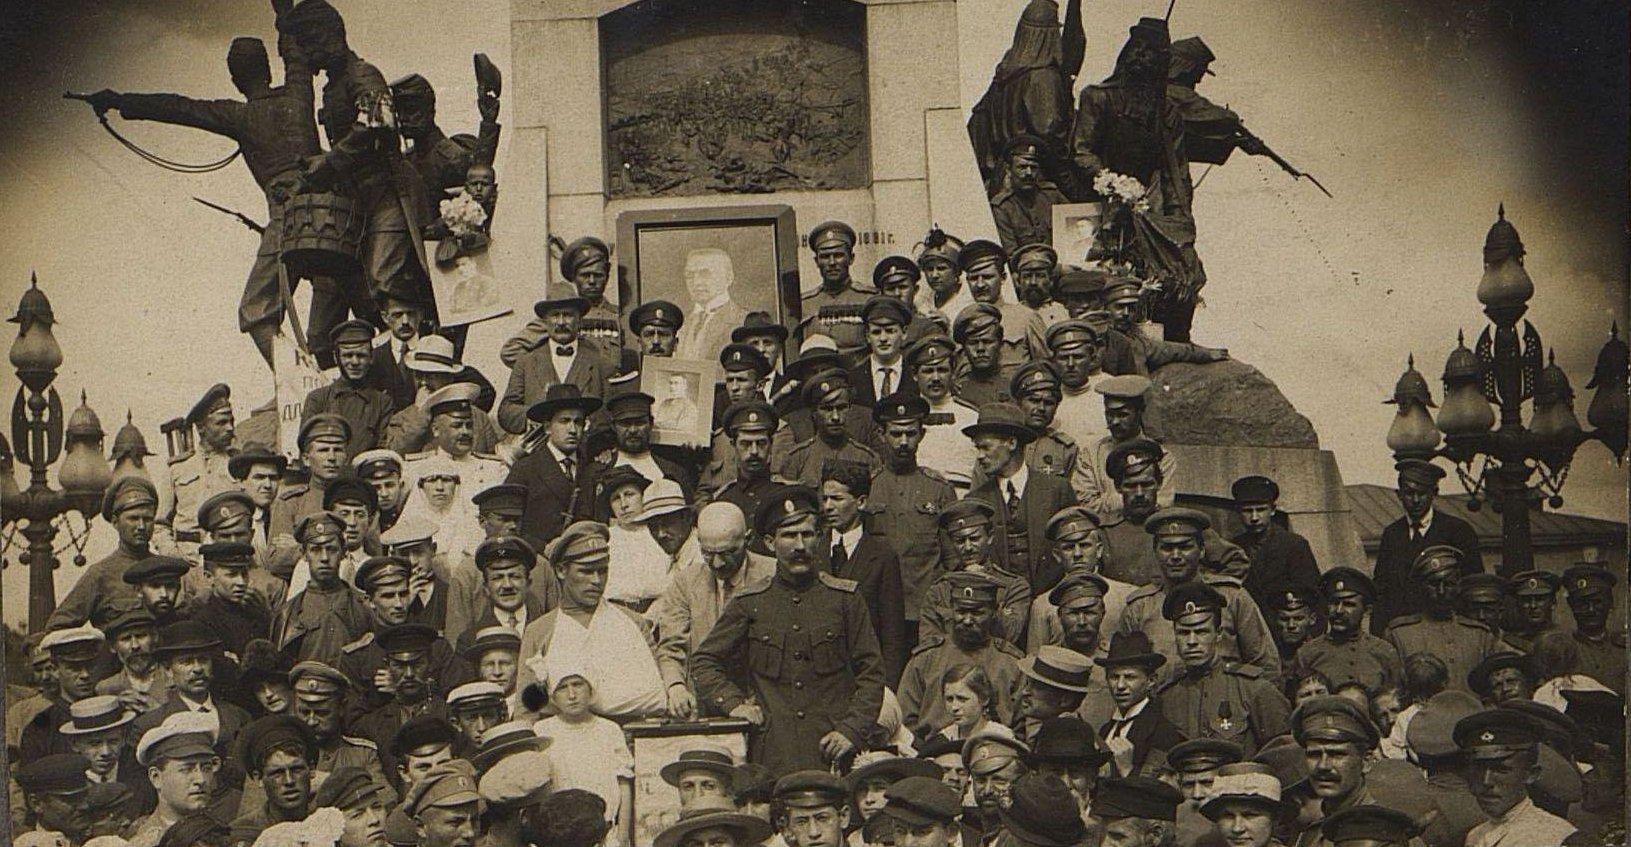 Июнь. Митинг за наступление на фронте, организованный кадетской партией. Москва